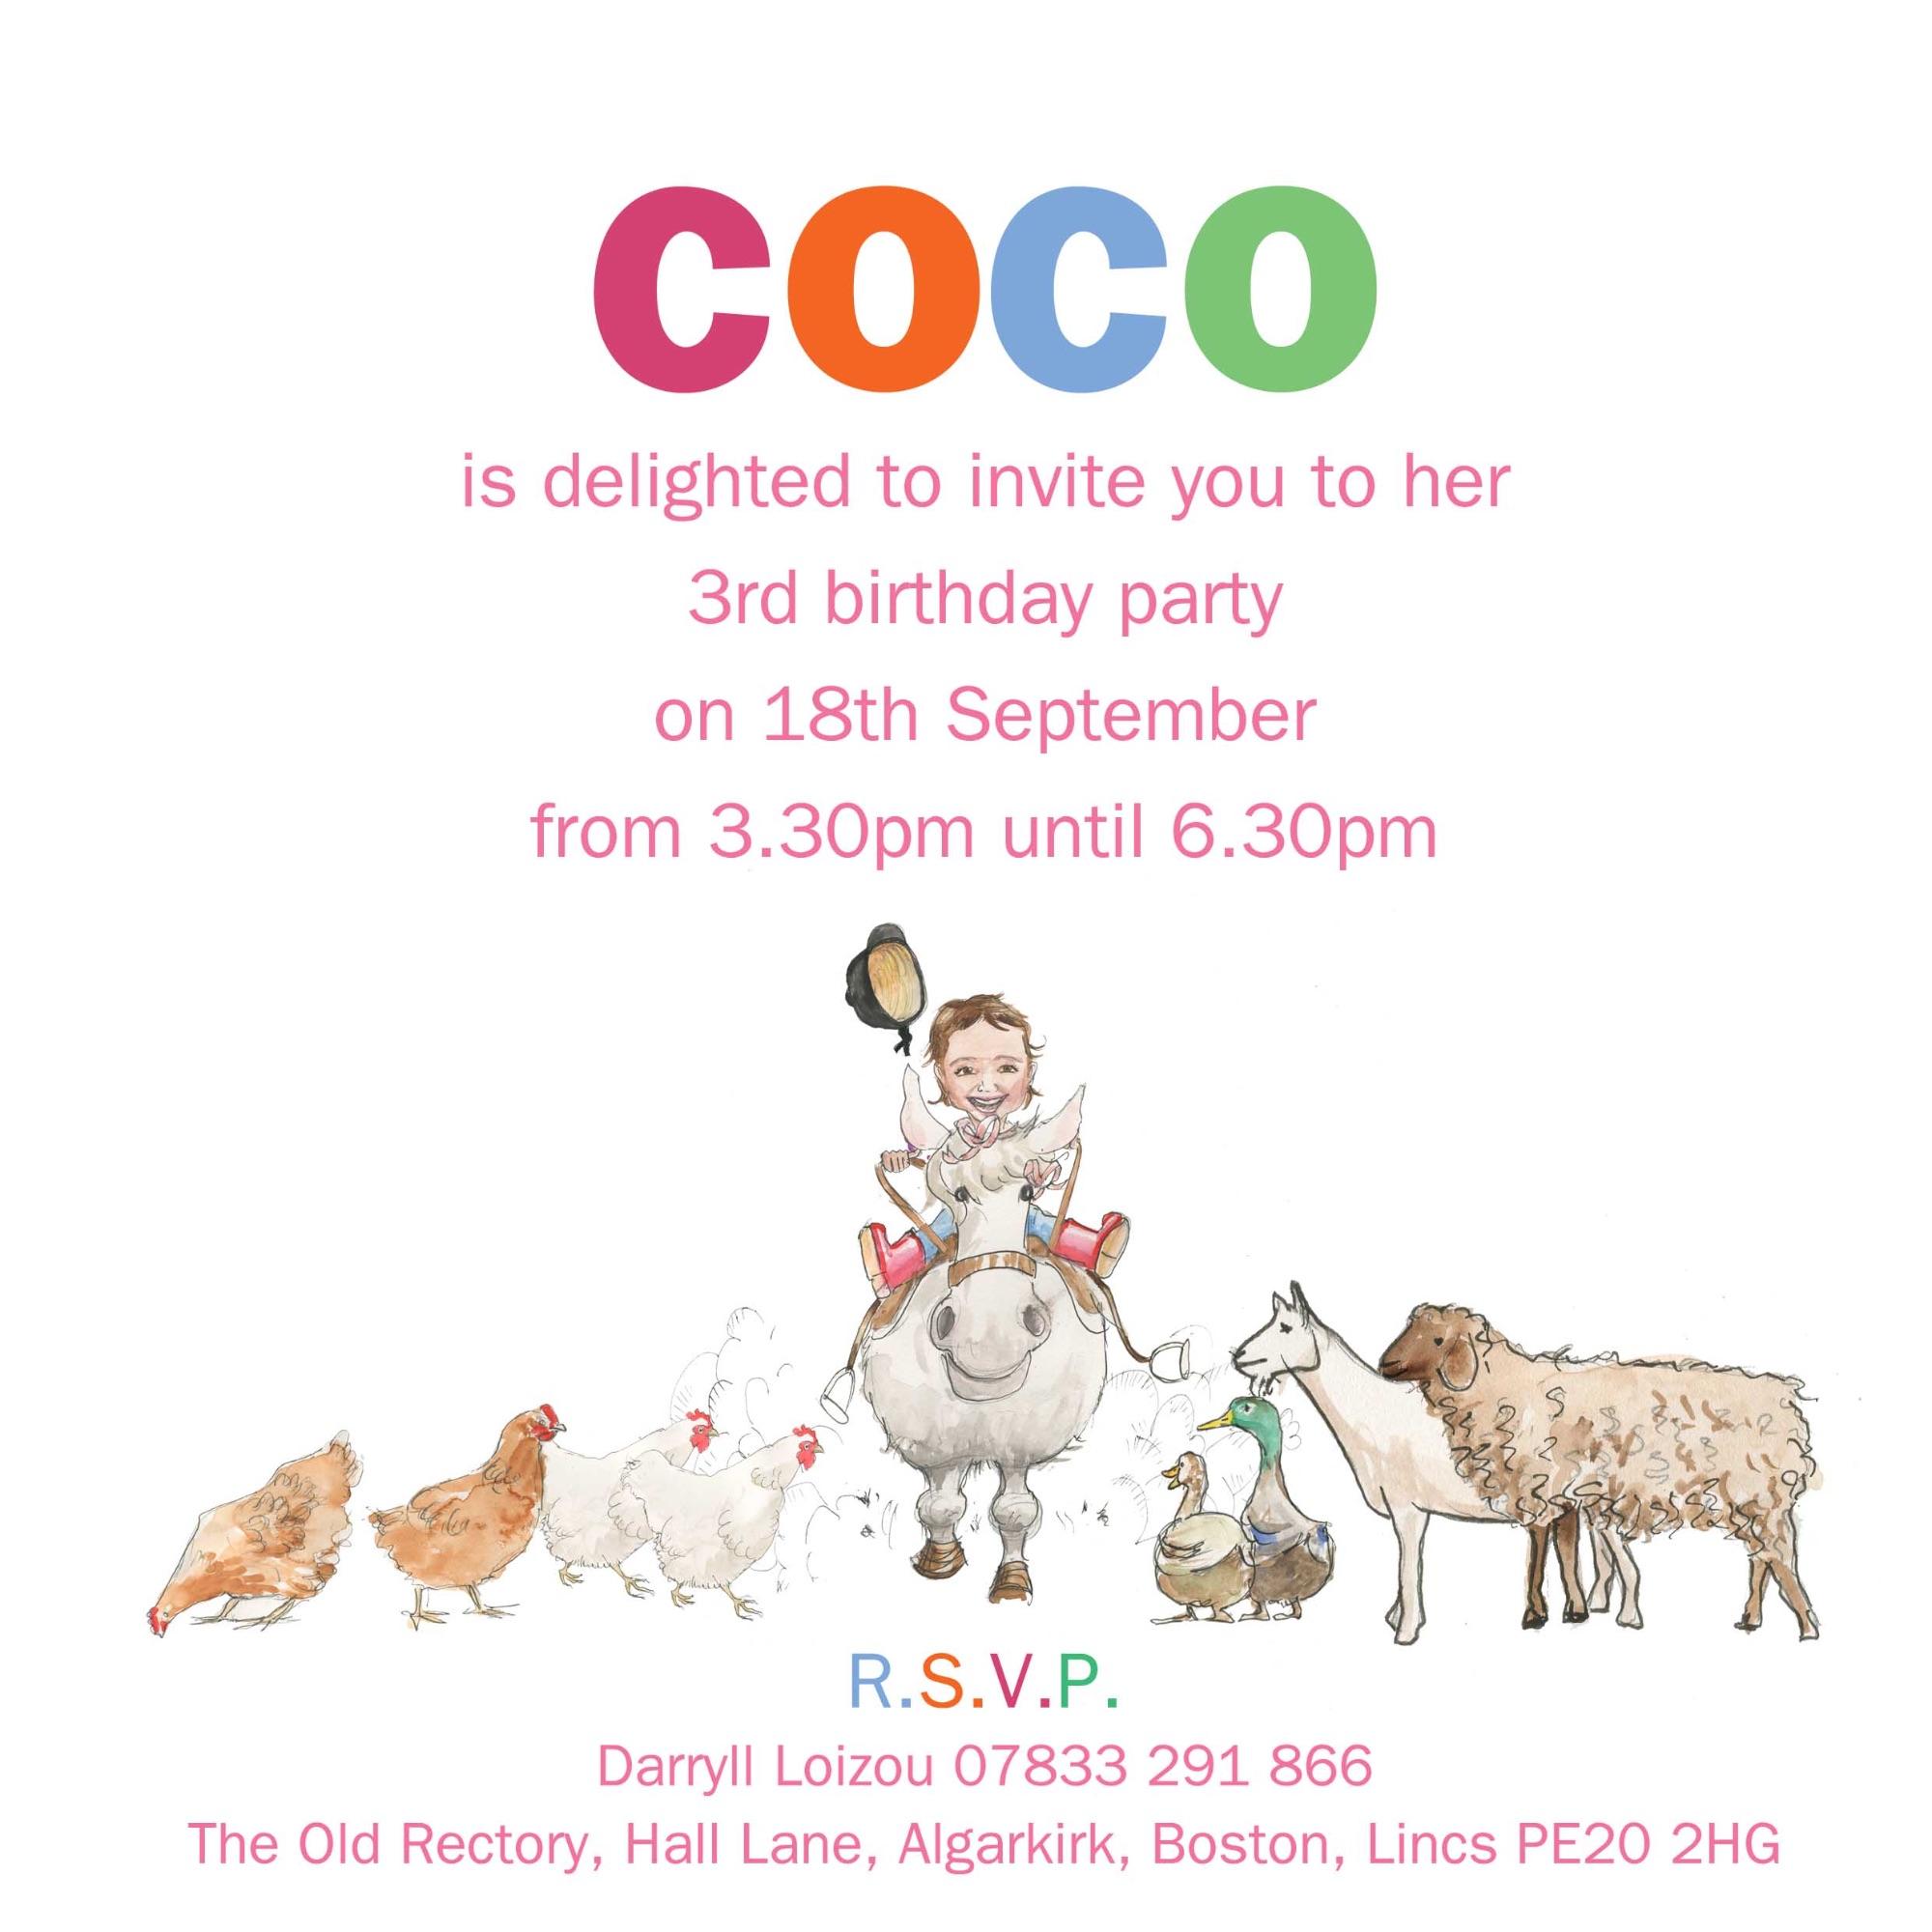 coco party draft3 copy